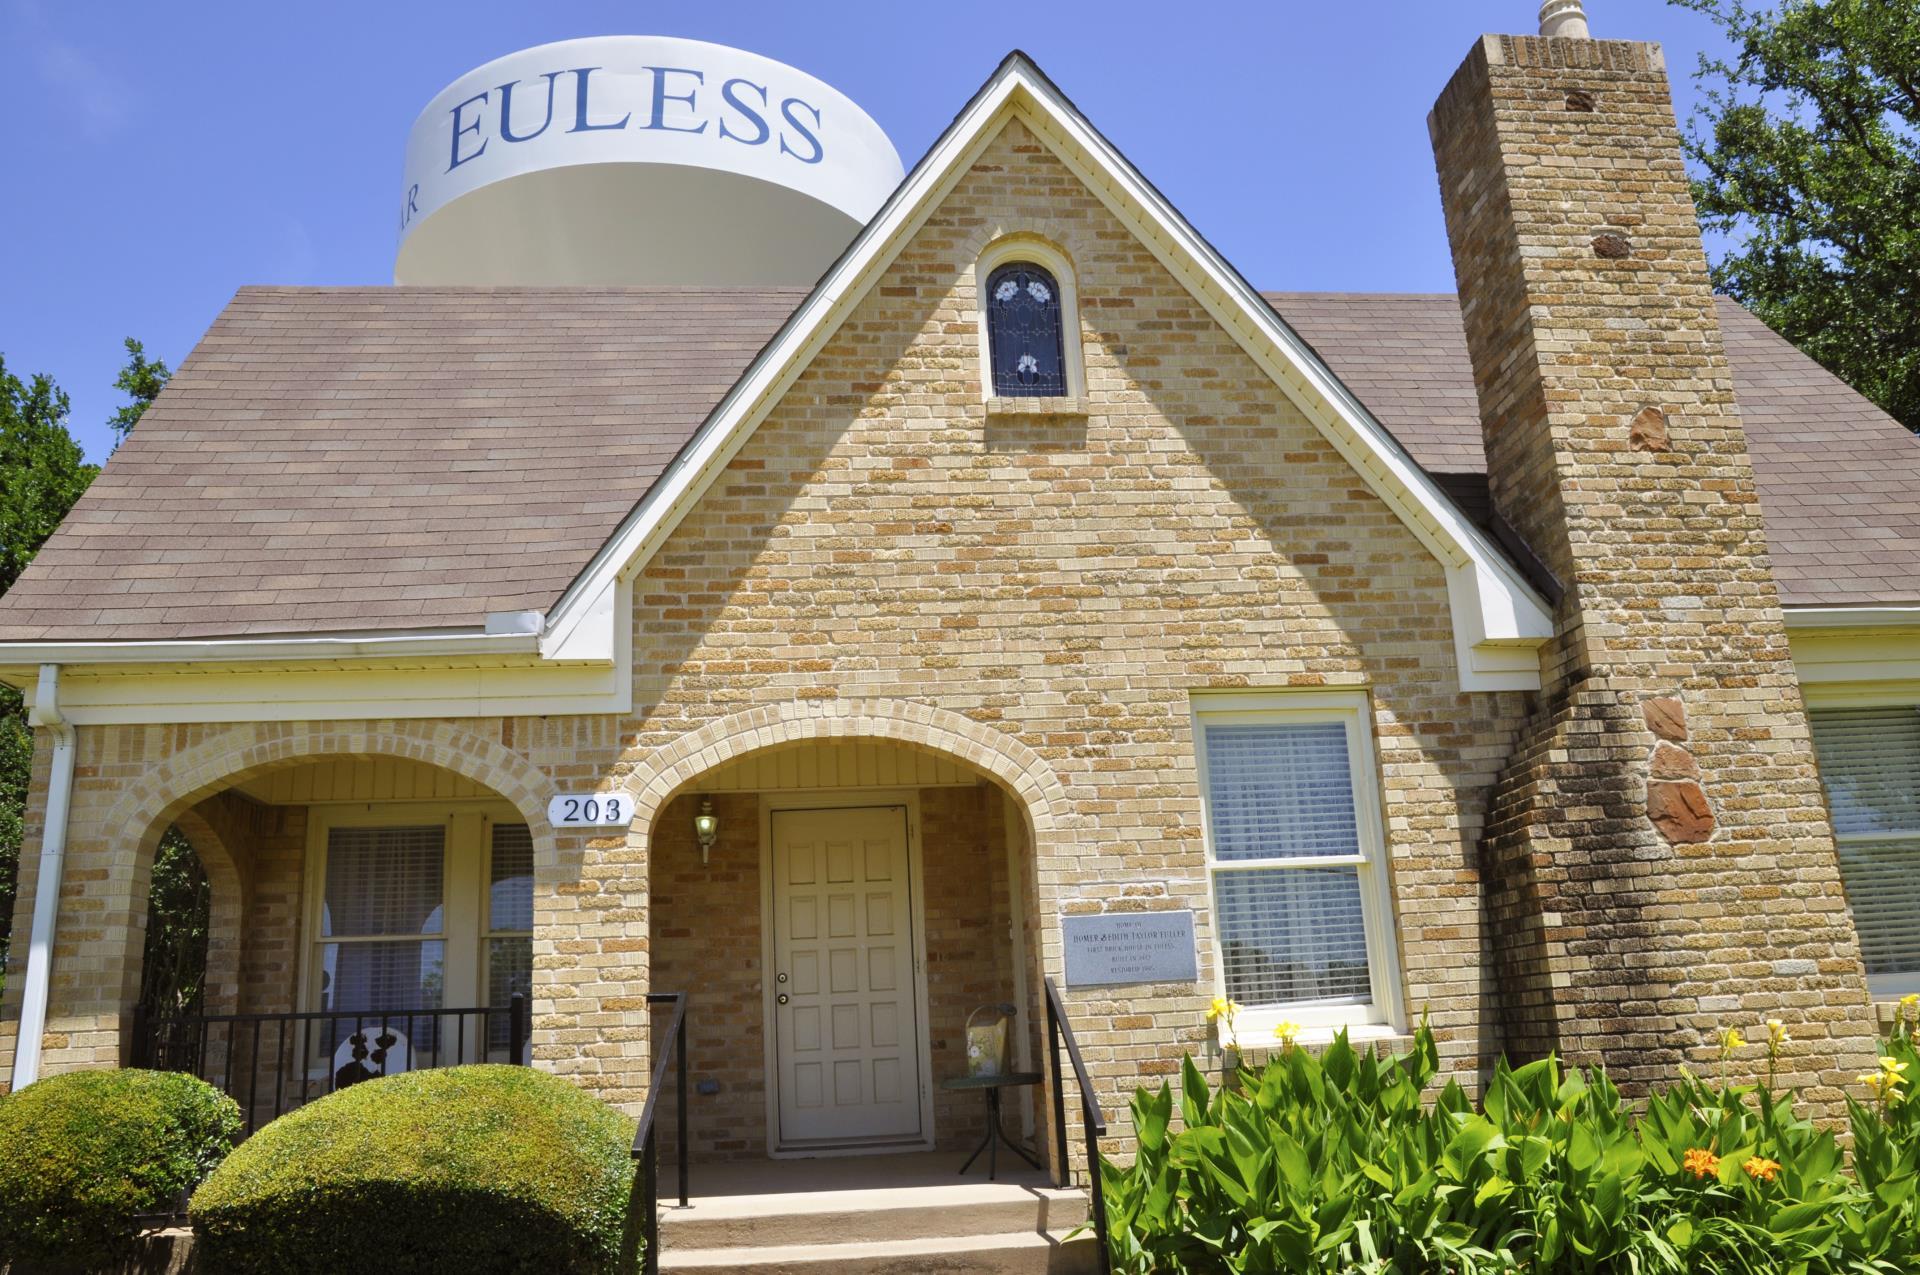 Fuller House | Euless, TX